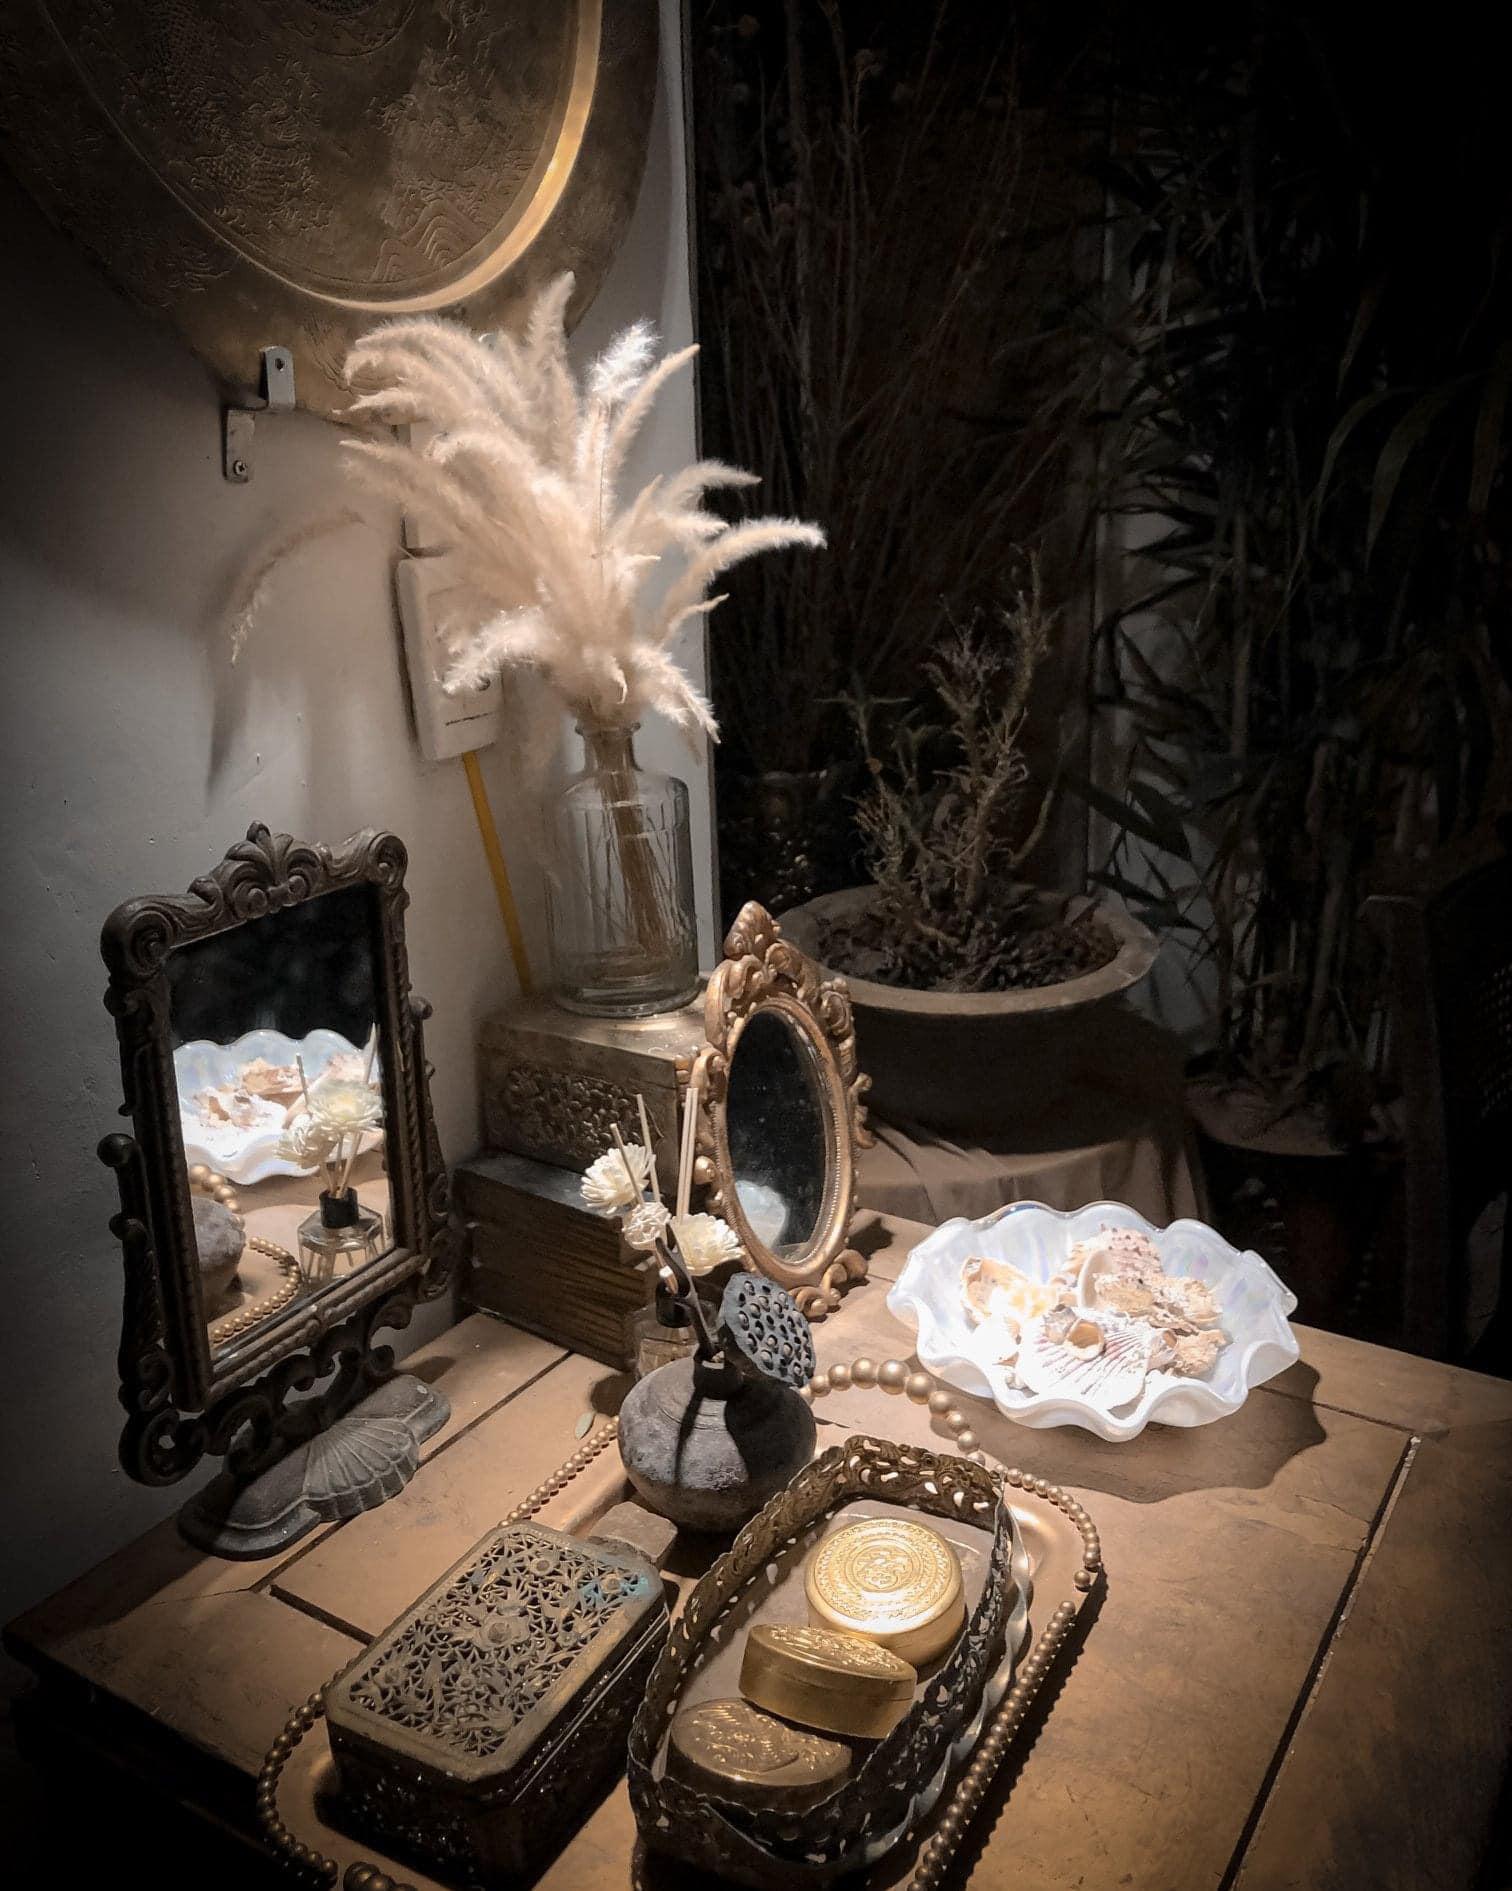 Dịp Tết Dương lịch, ghé thăm những quán cà phê mang phong cách cổ xưa tại Hà Nội  - Ảnh 8.